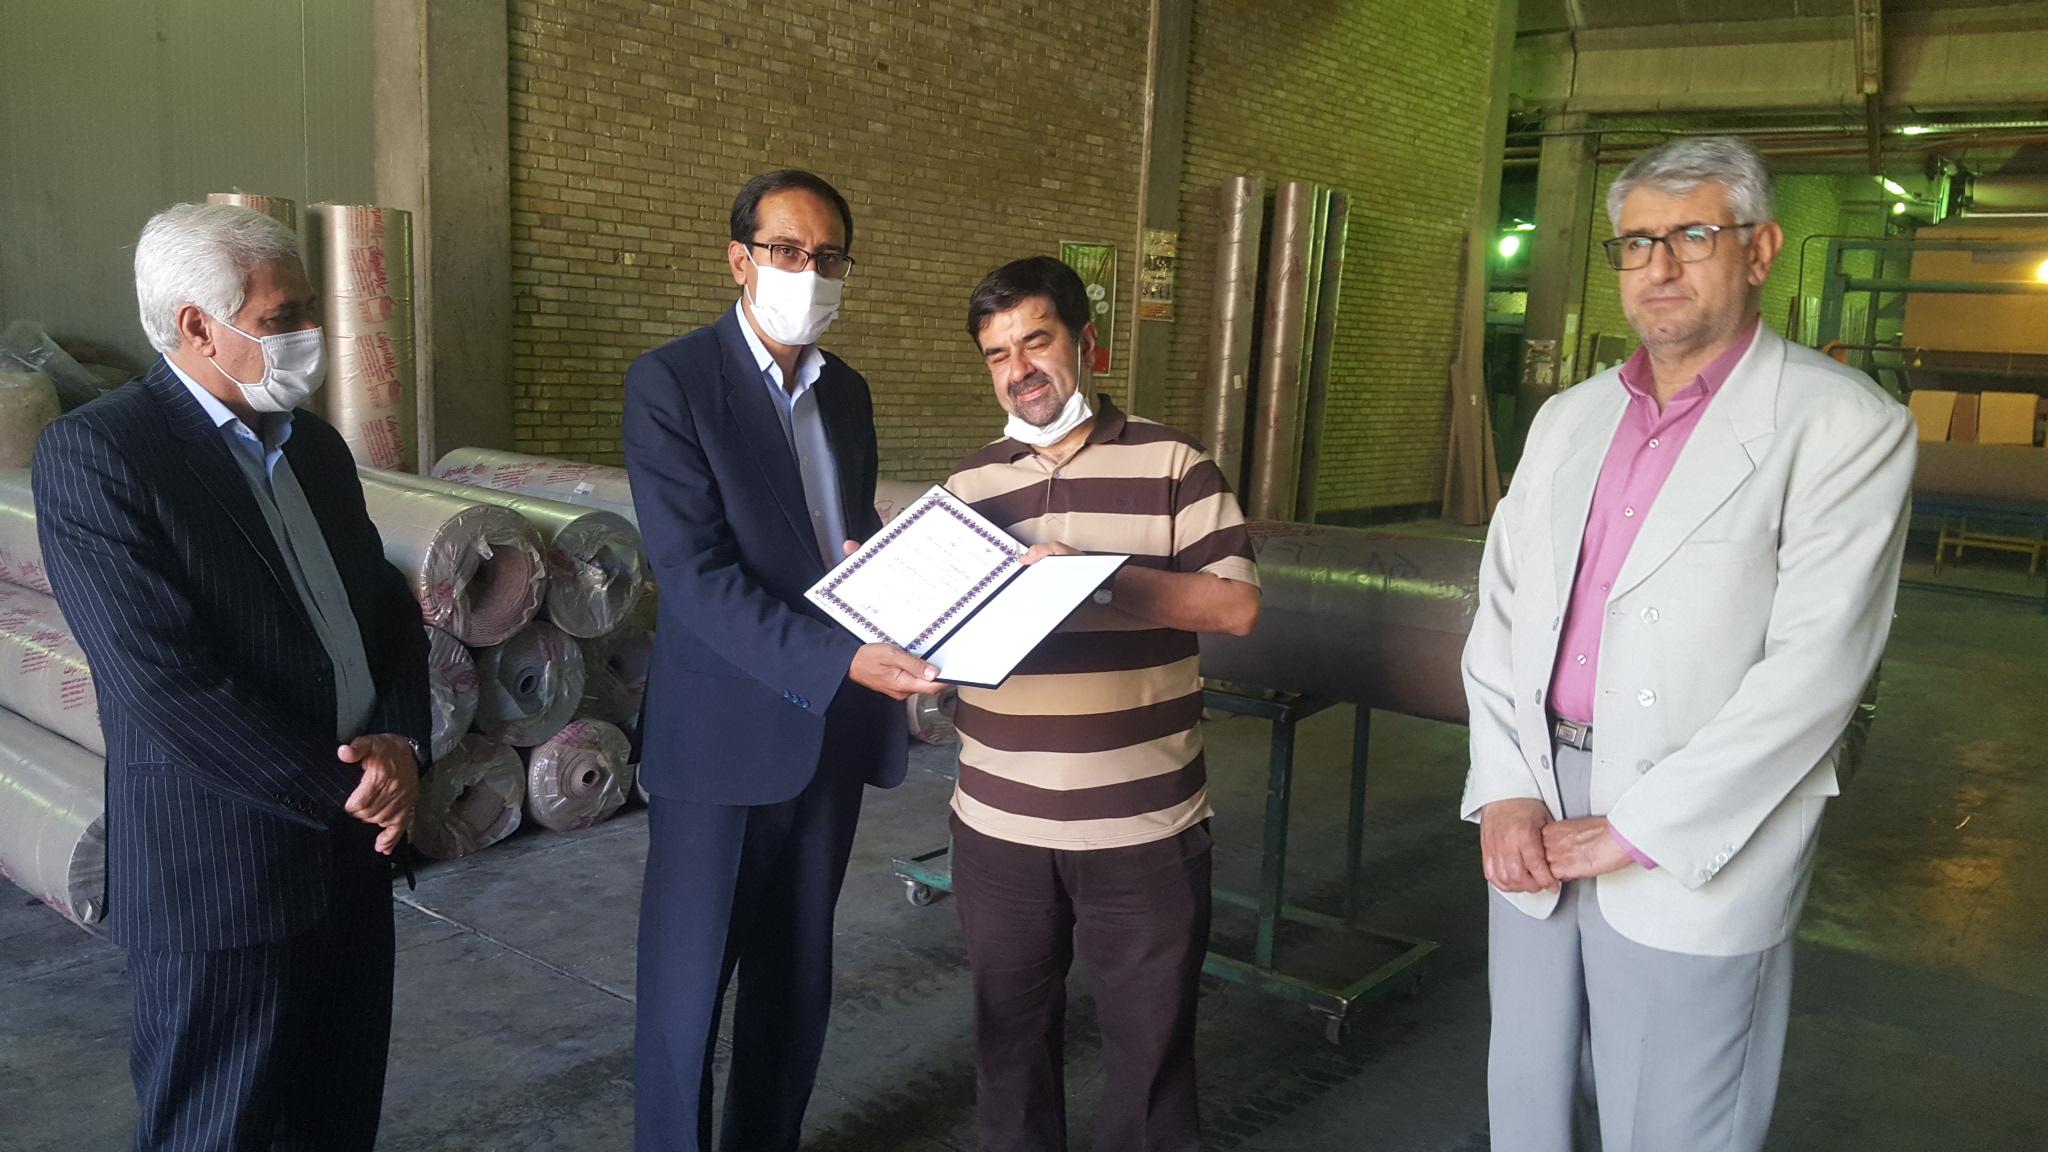 بازدید ریاست سازمان از شرکت تولیدی صنعتی سپاهان موکت، پویش تولید # تداوم امید .